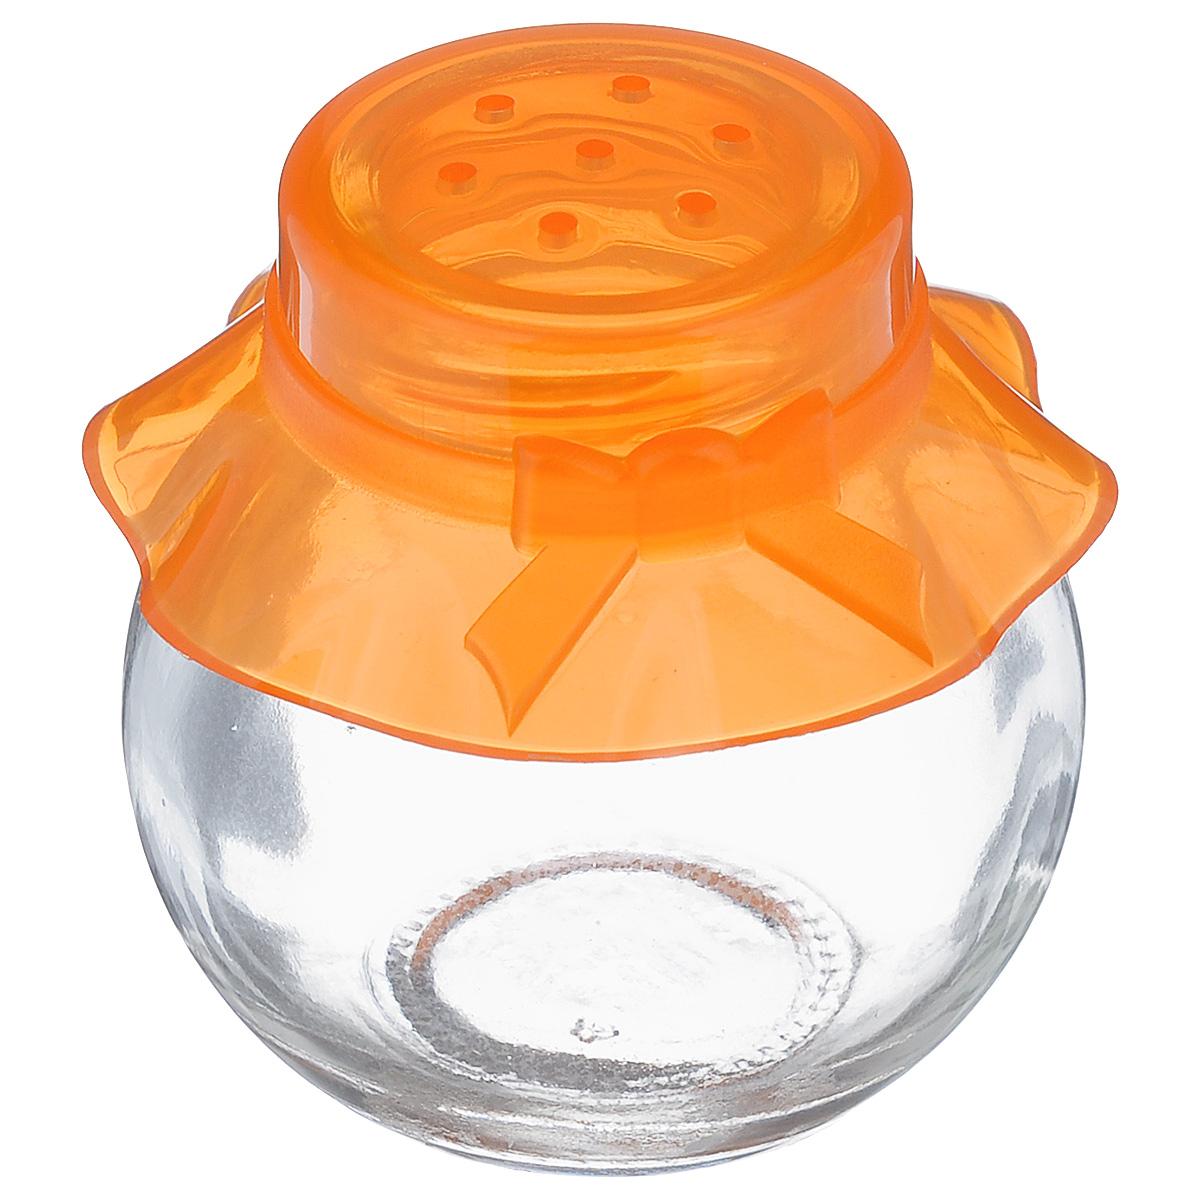 Банка для специй Herevin, цвет: прозрачный, оранжевый, 60 мл. 121051-000121051-000_оранжевыйБанка для специй Herevin выполнена из прозрачного стекла и оснащена пластиковой цветной крышкой с отверстиями, благодаря которым, вы сможете приправить блюда, просто перевернув банку. Крышка легко откручивается, благодаря чему засыпать приправу внутрь очень просто. Такая баночка станет достойным дополнением к вашему кухонному инвентарю. Можно мыть в посудомоечной машине. Объем: 60 мл. Диаметр (по верхнему краю): 2,5 см. Высота банки (без учета крышки): 5,5 см.